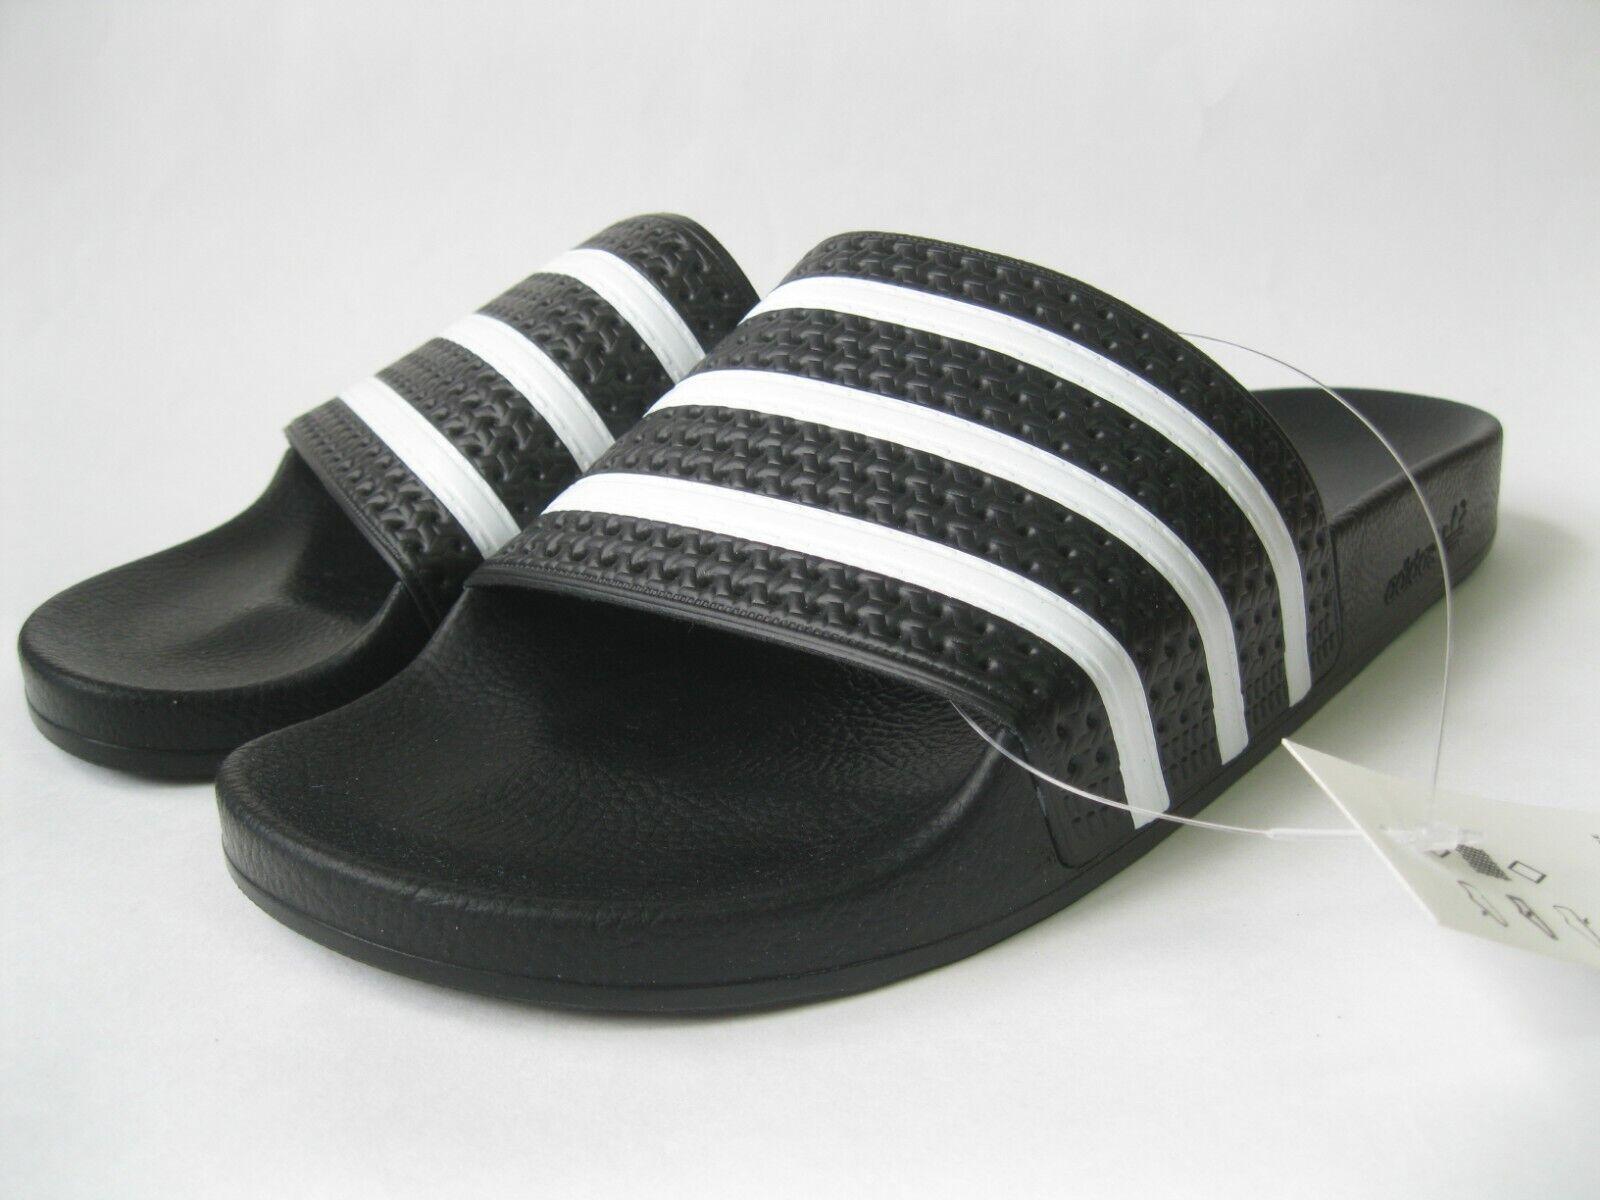 Adidas Originals Adilette Slides 280647